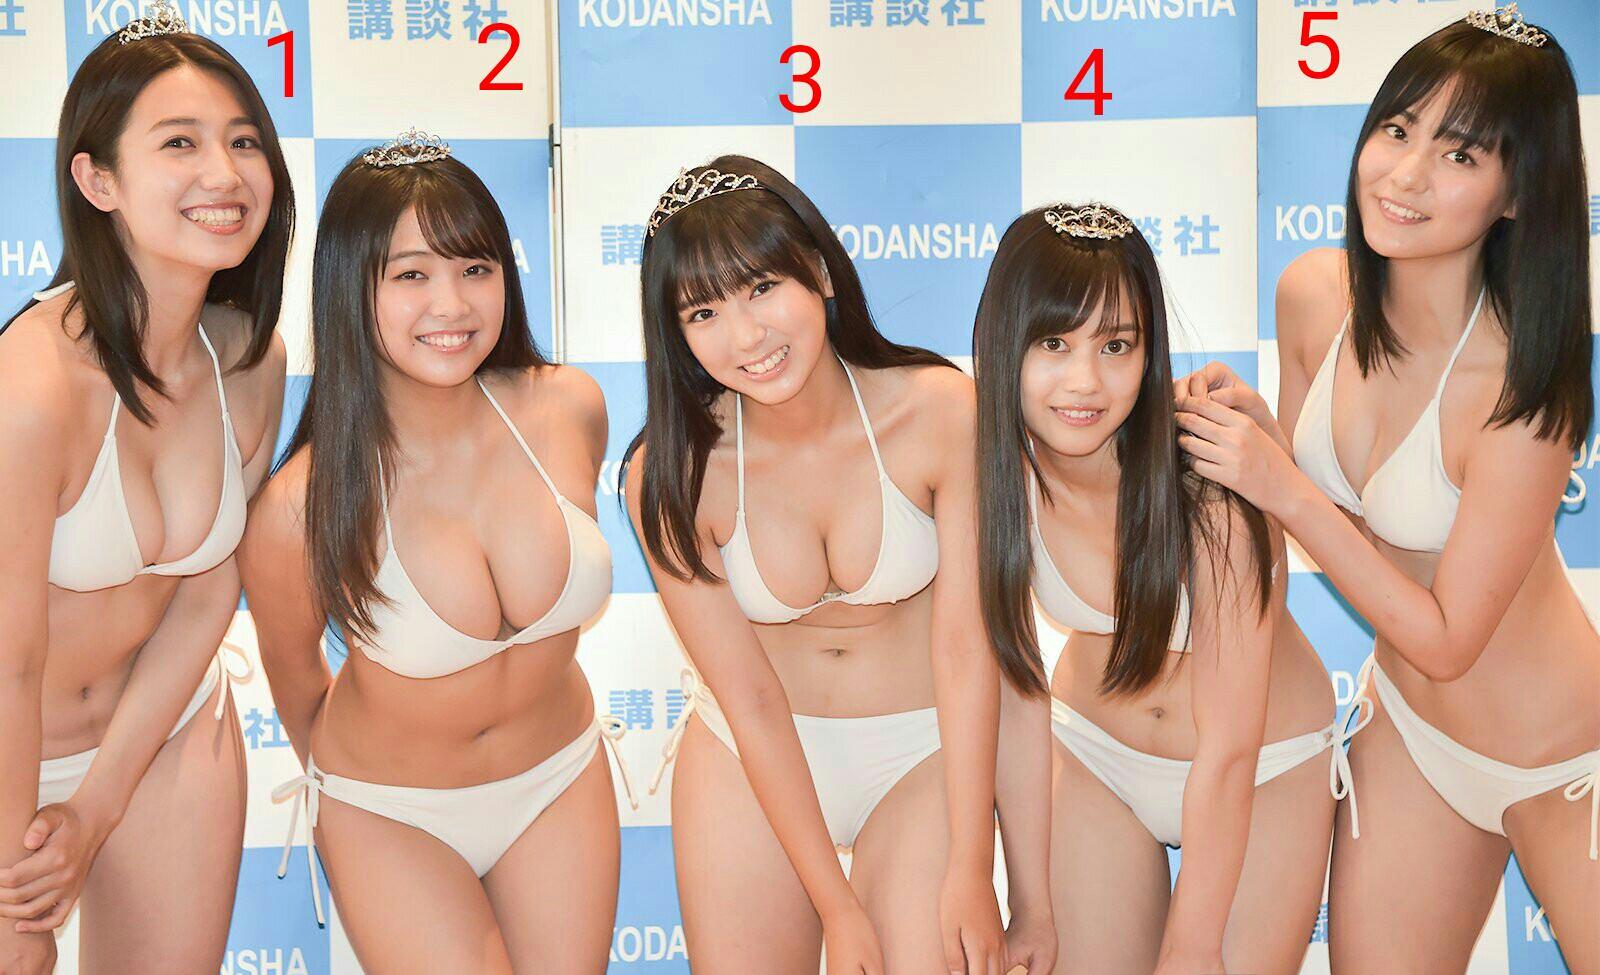 この5人の美少女で、お前らはどうせおっぱい基準で選ぶんだろ? ????? d2jIlco